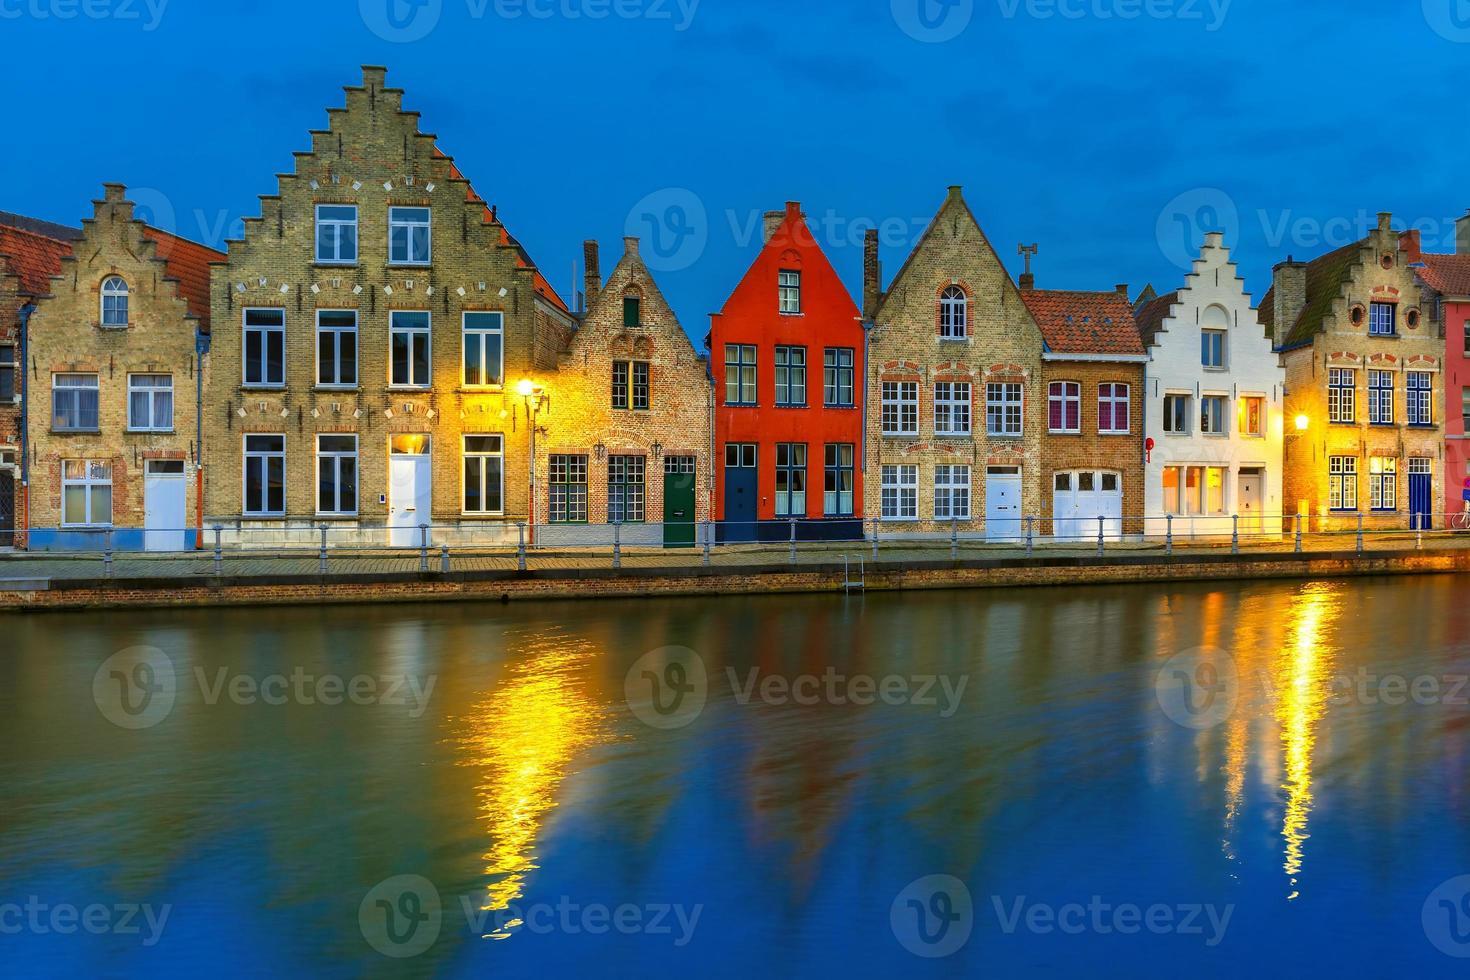 's nachts Brugge gracht met prachtige gekleurde huizen foto